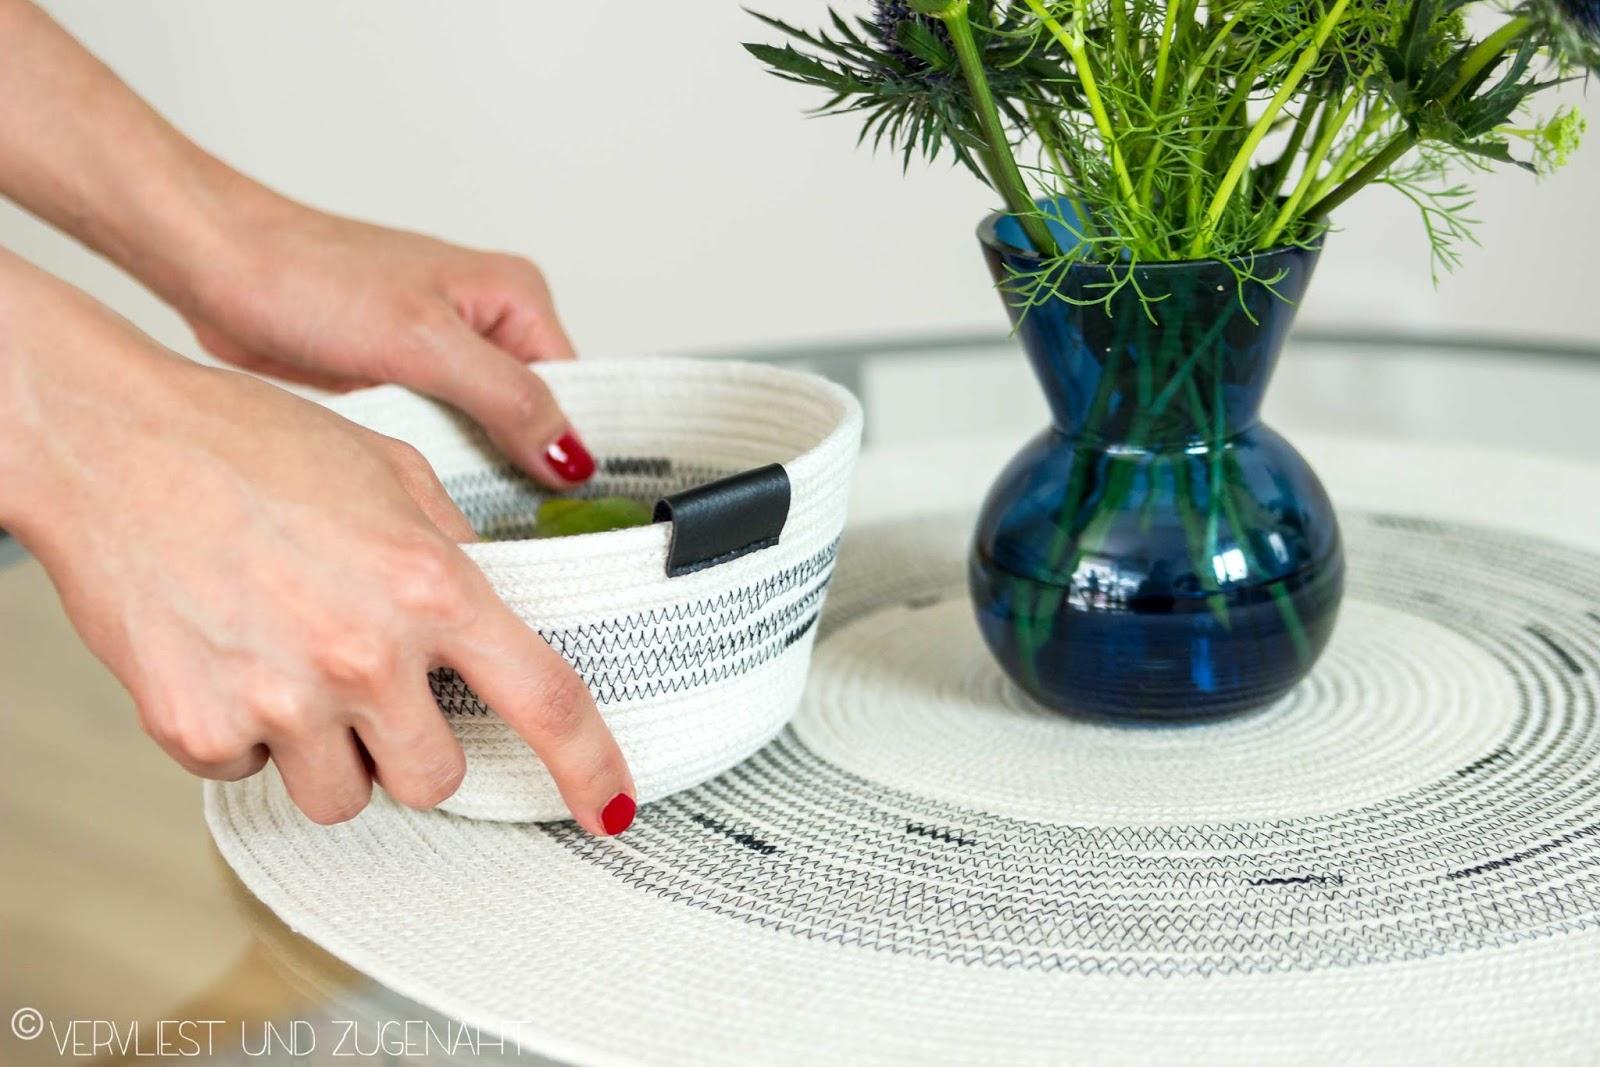 Vervliest und zugenäht: Rope Bowl und Tischläufer Set